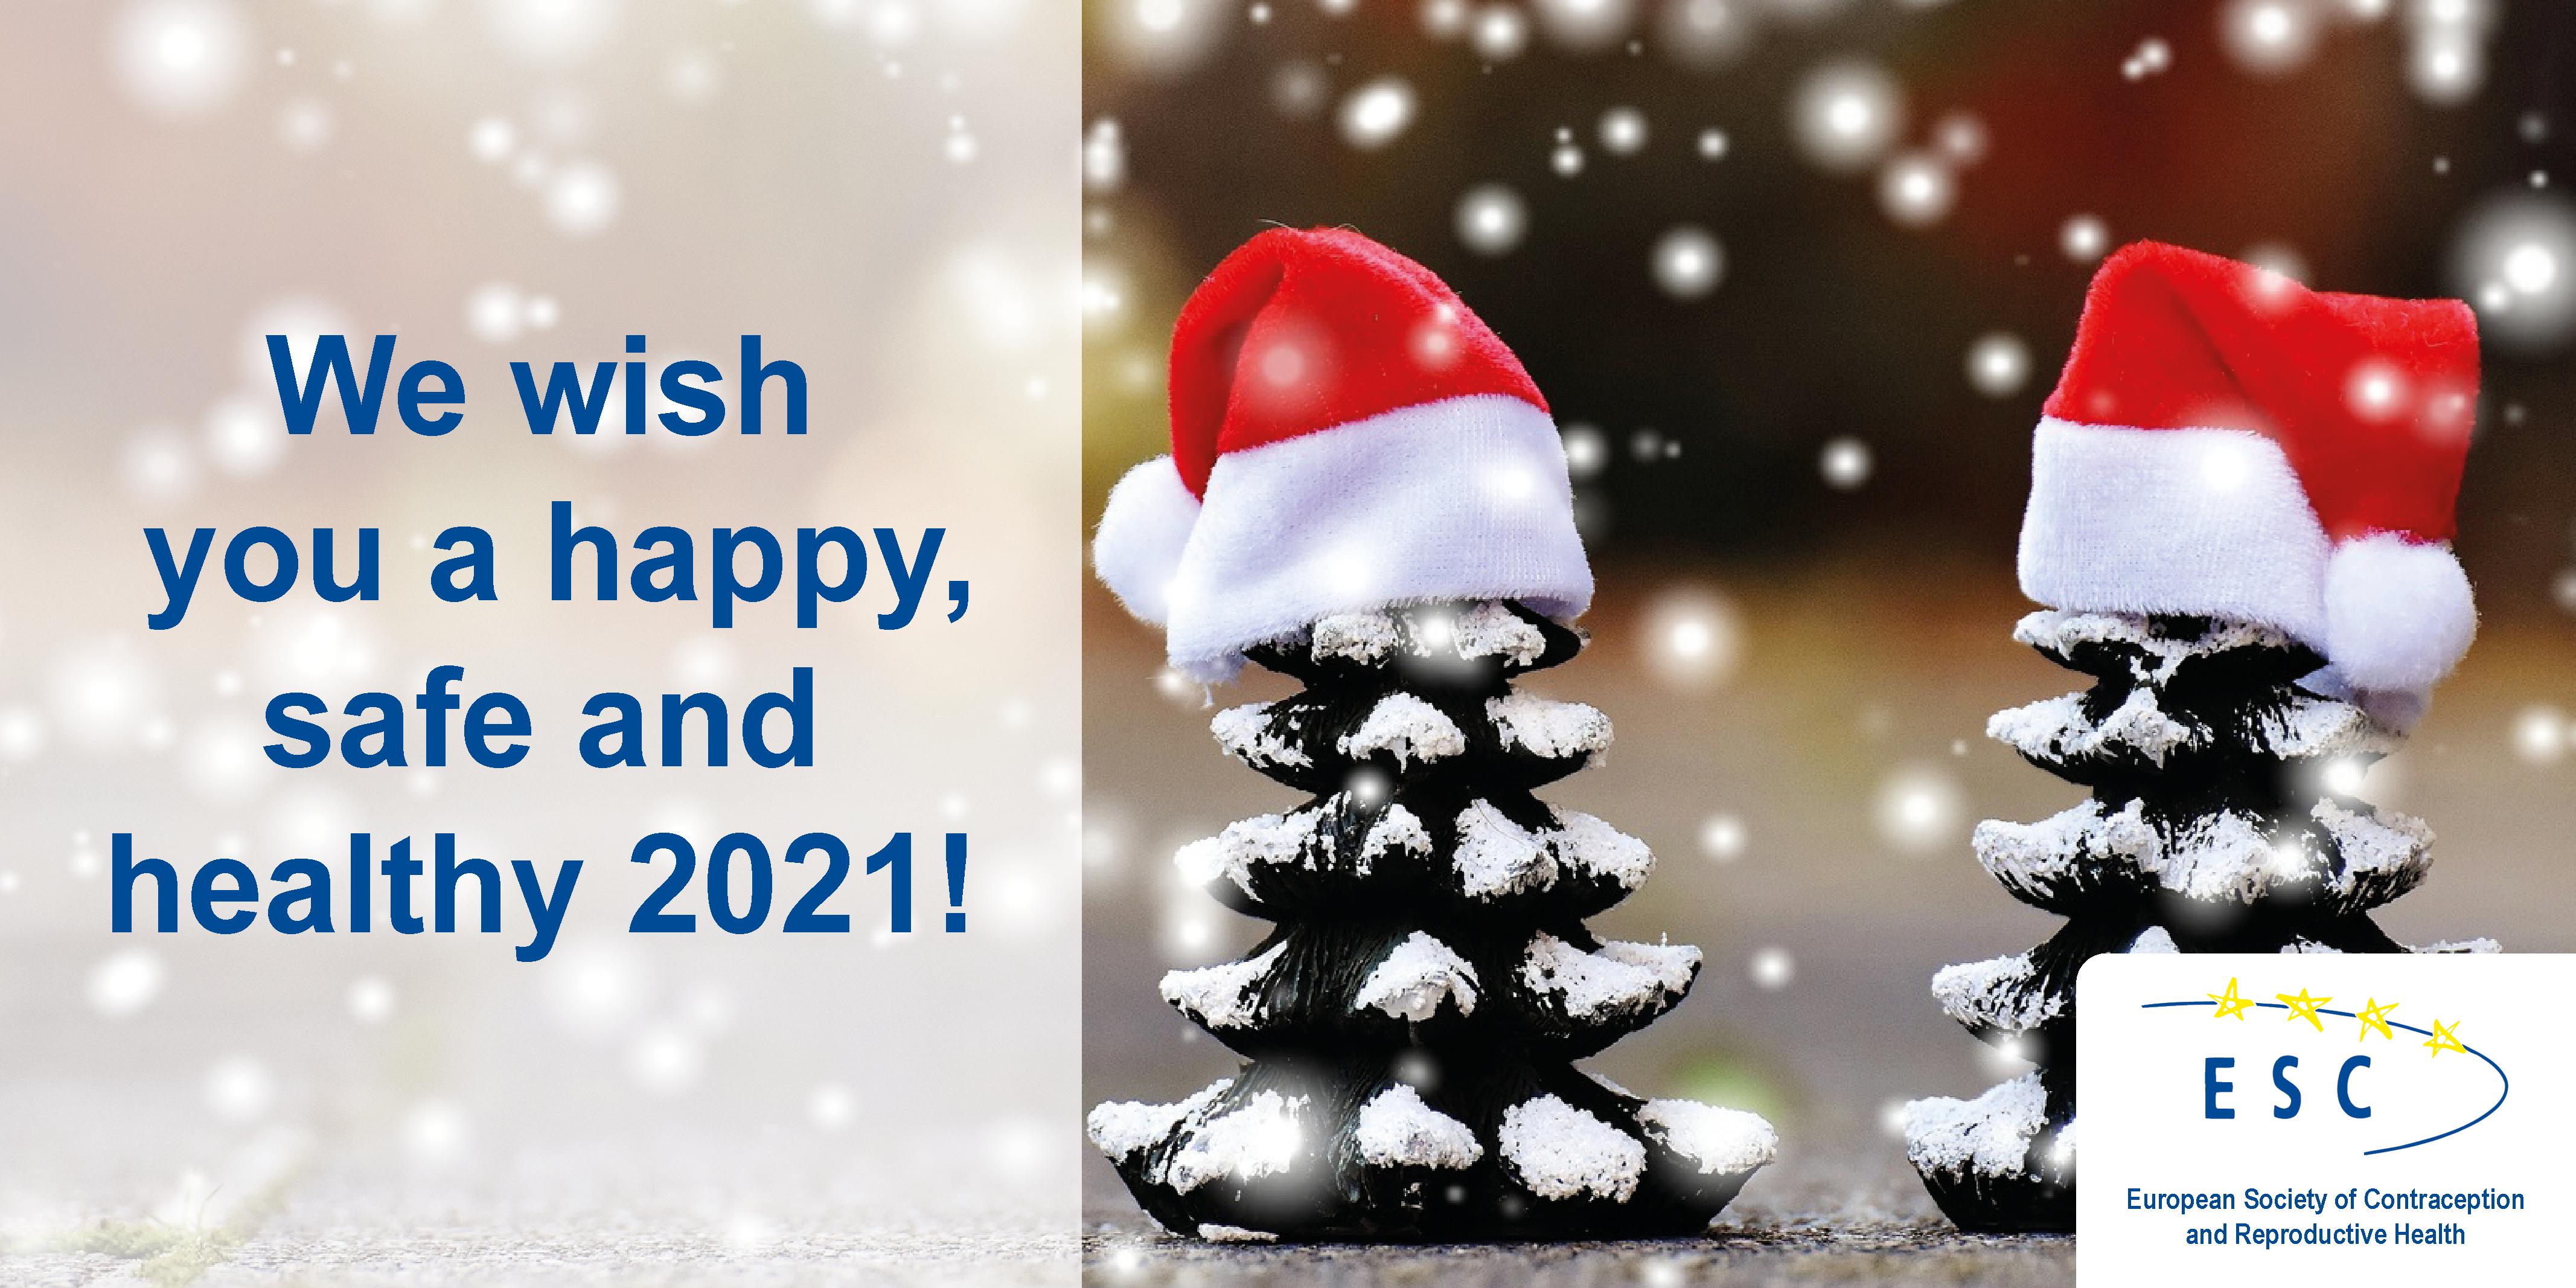 esc-wishes-2021